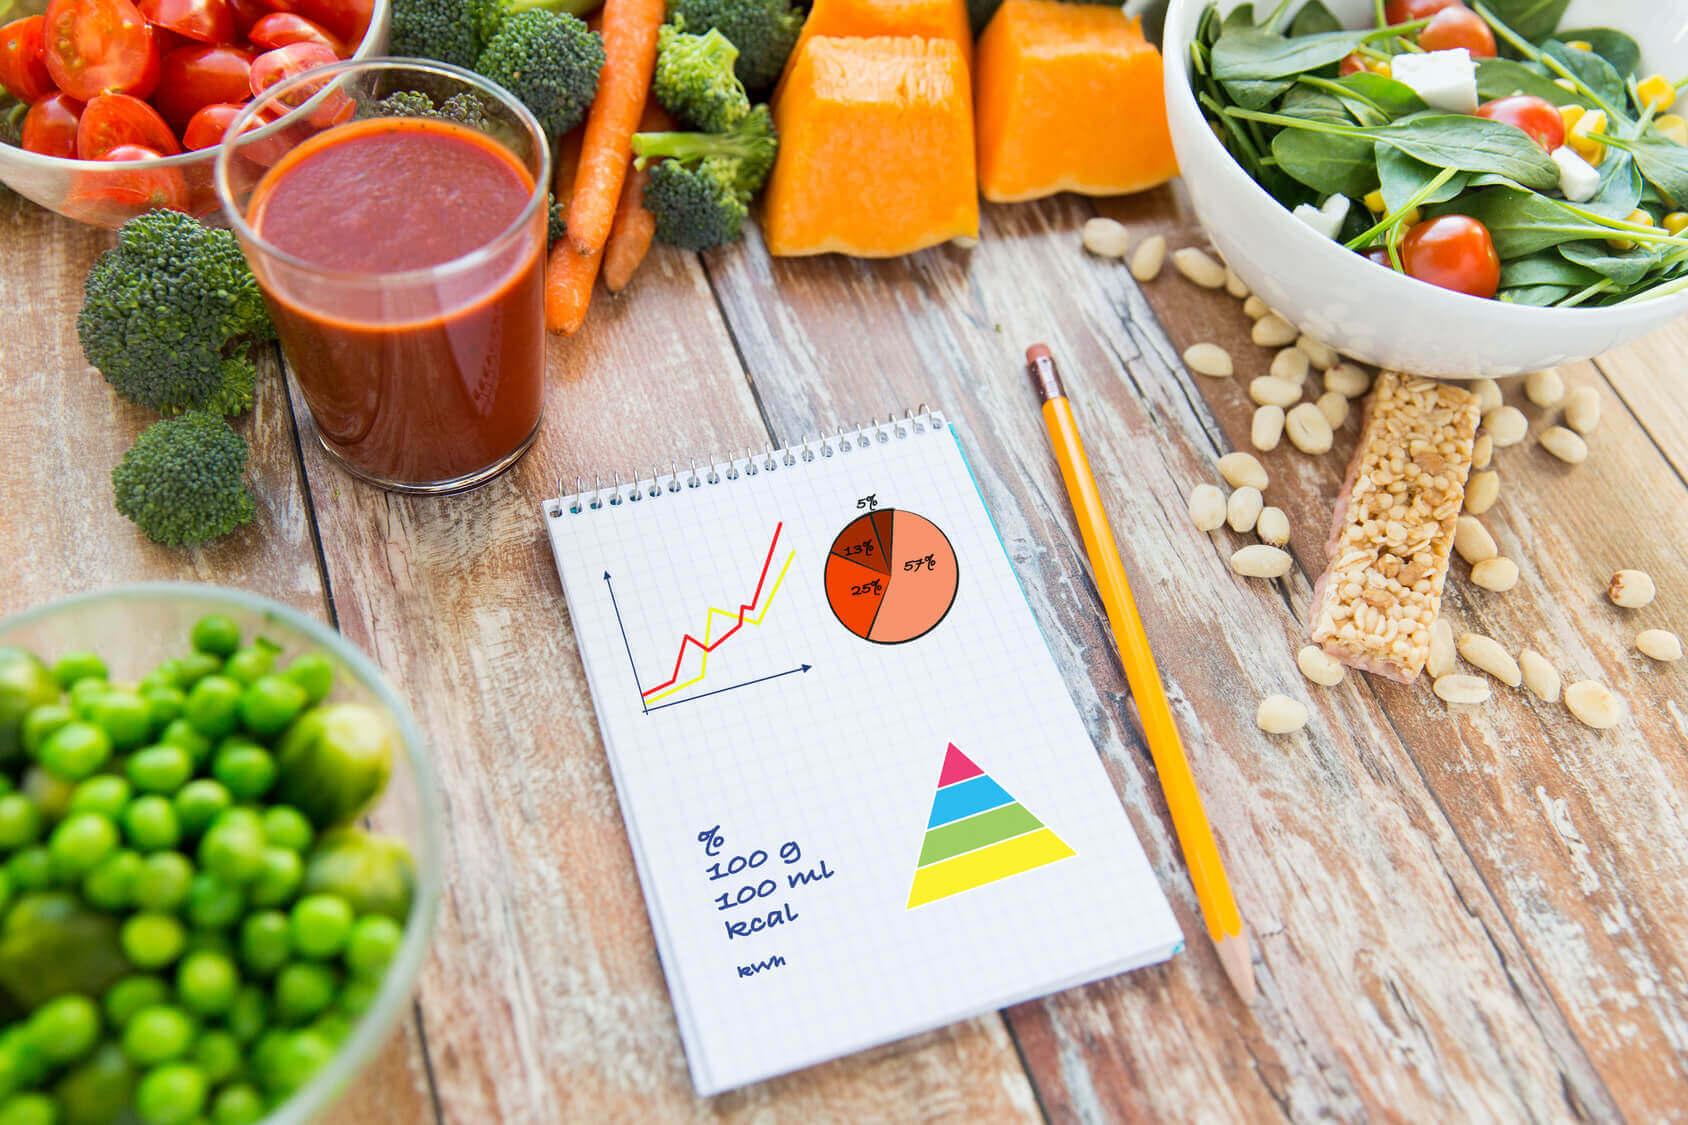 Суточное потребление калорий для мужчин